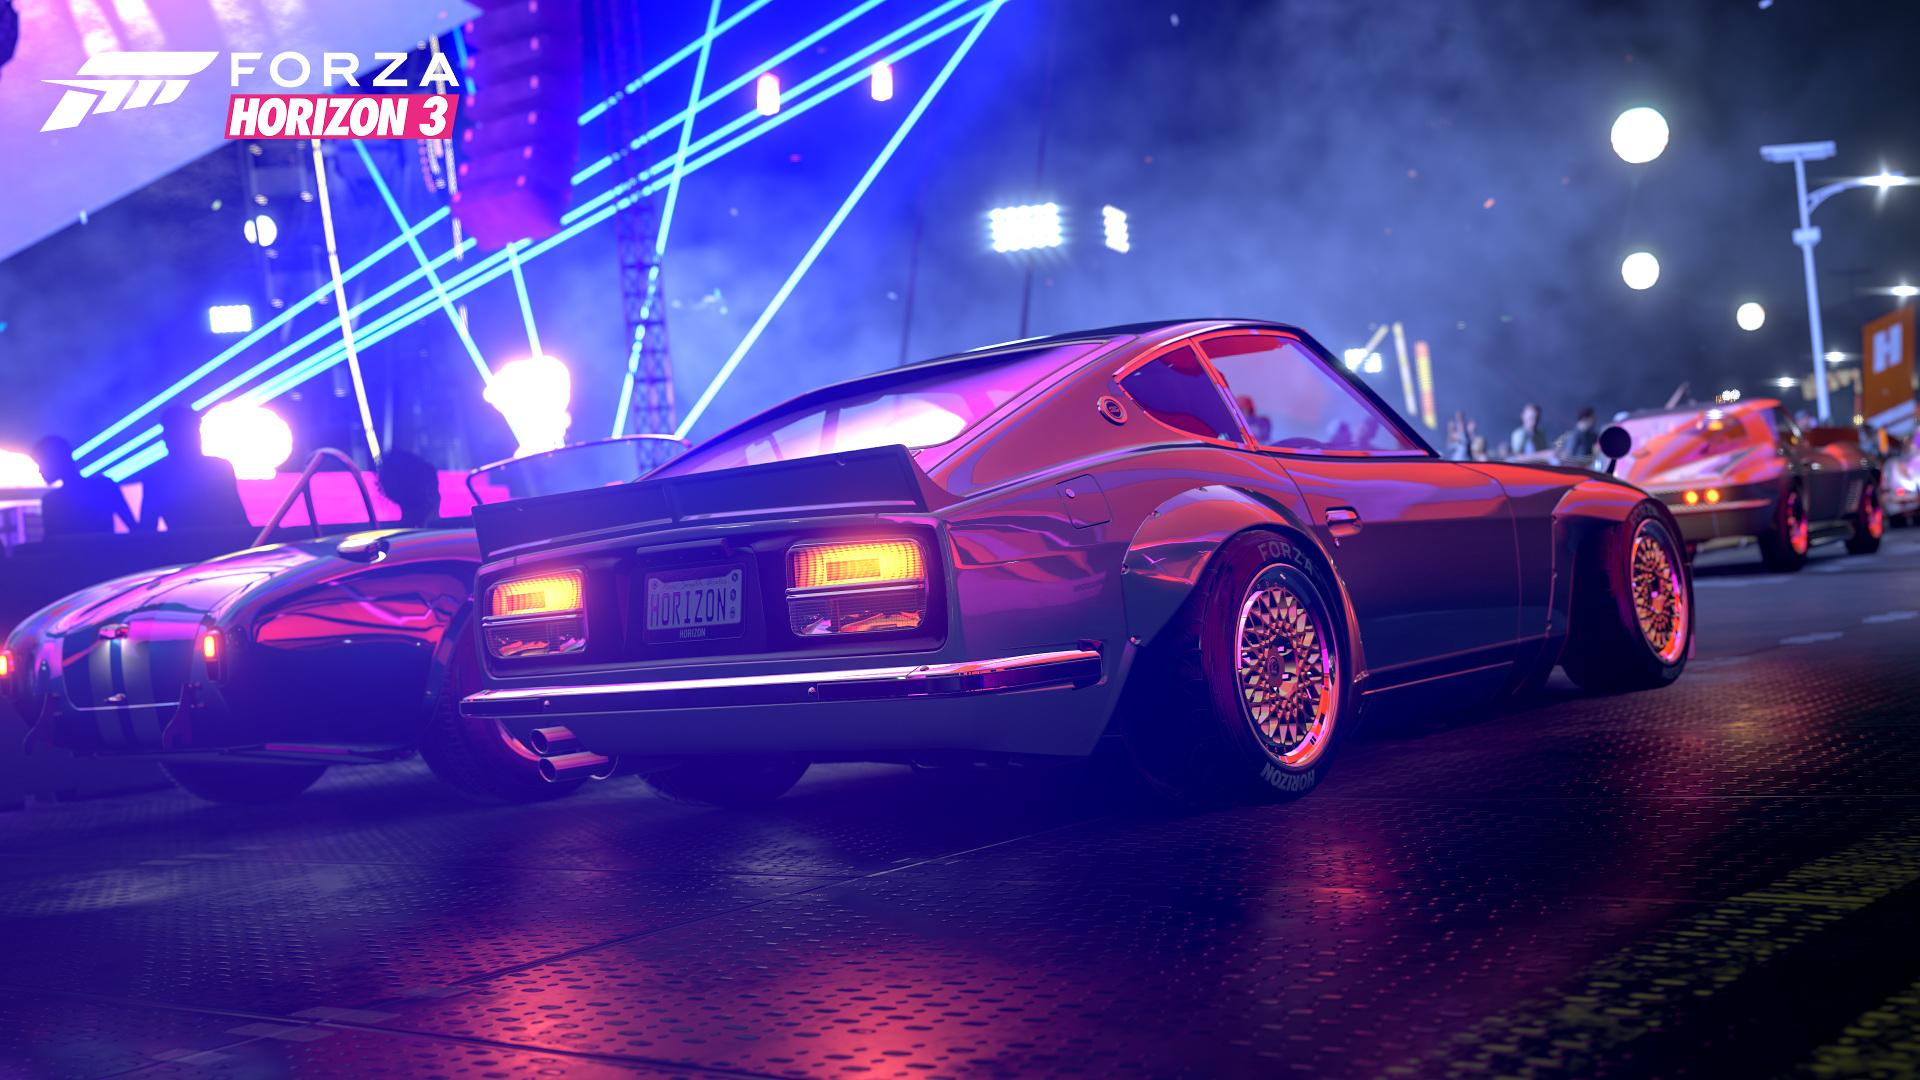 Turbo Forza Horizon  Cars